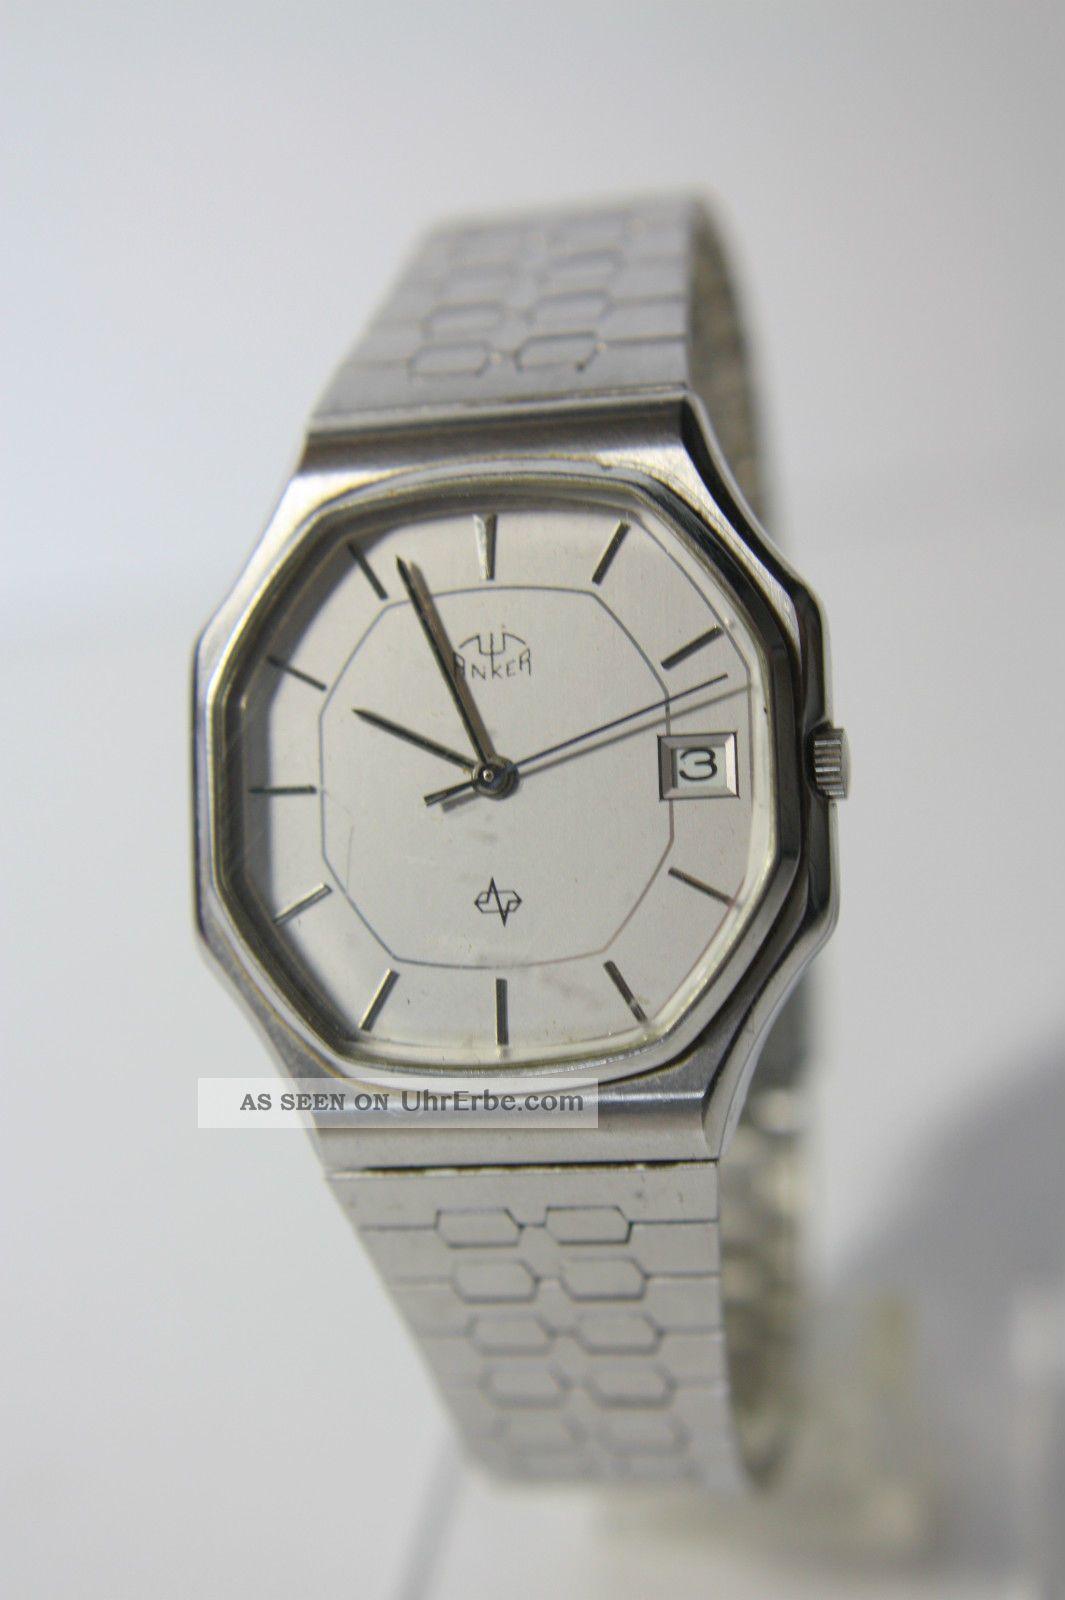 Schöne Anker Quartz Herrenarmbanduhr Armbanduhren Bild